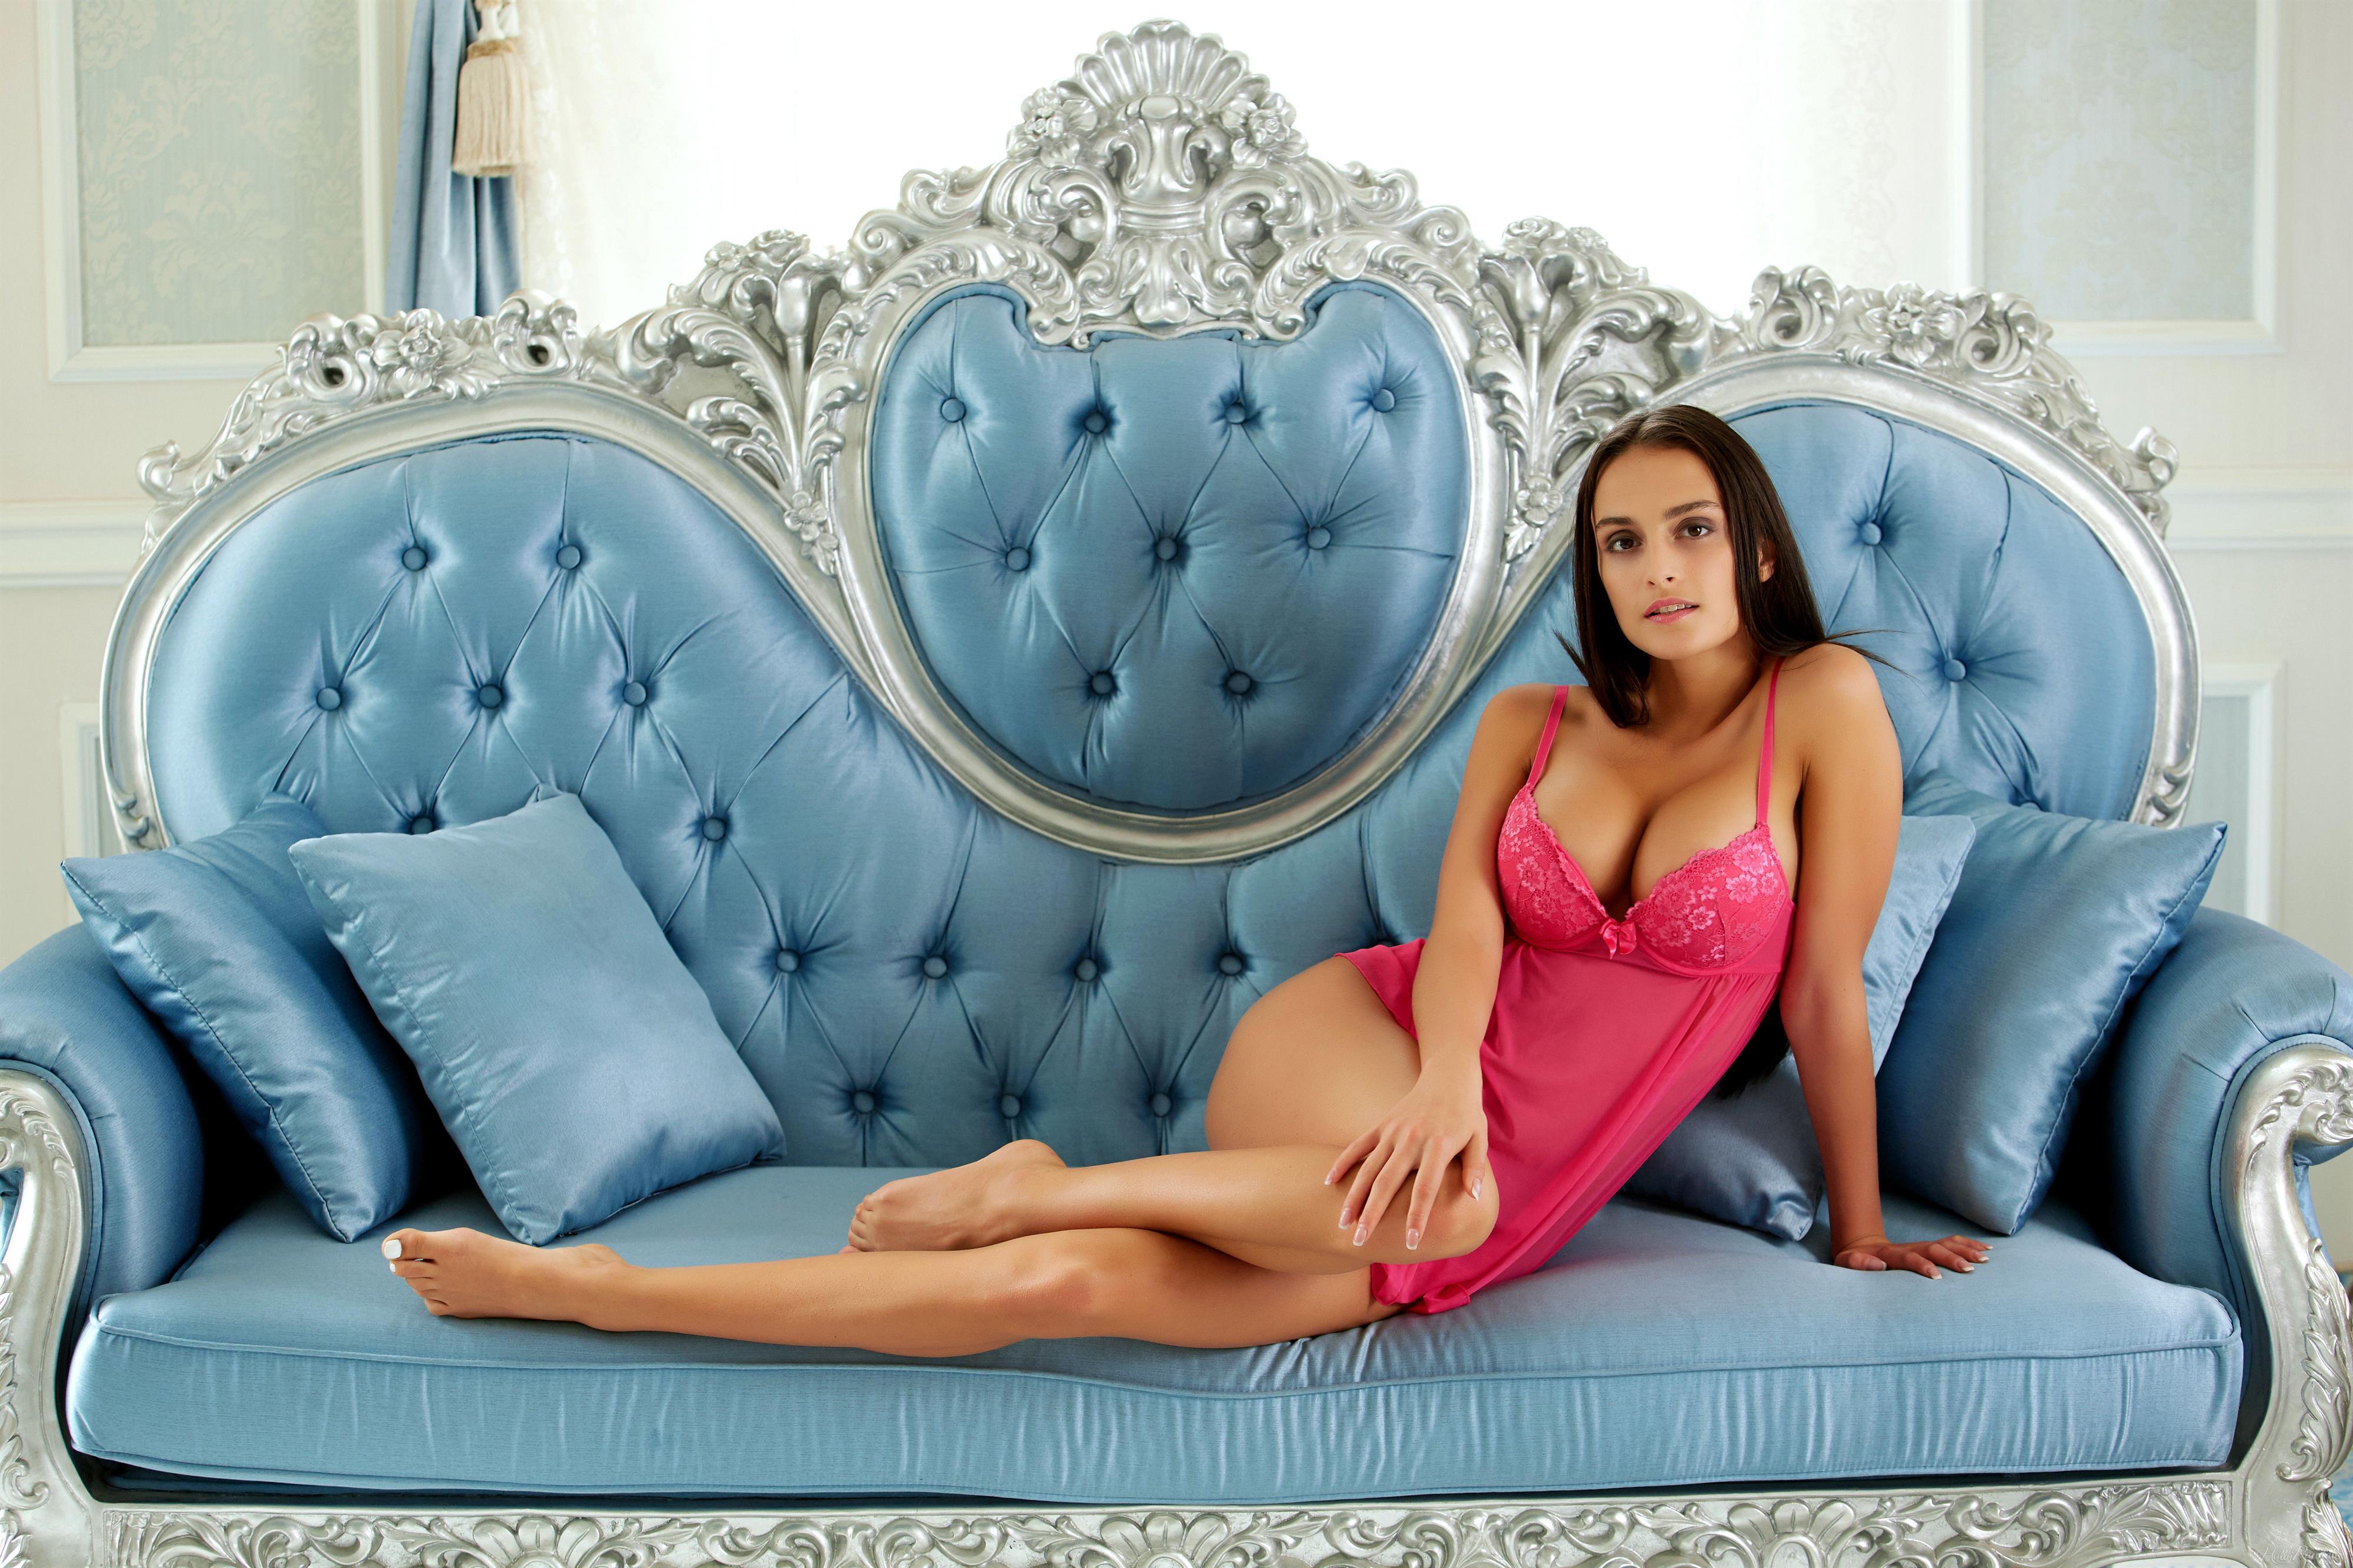 Missa in lingerie